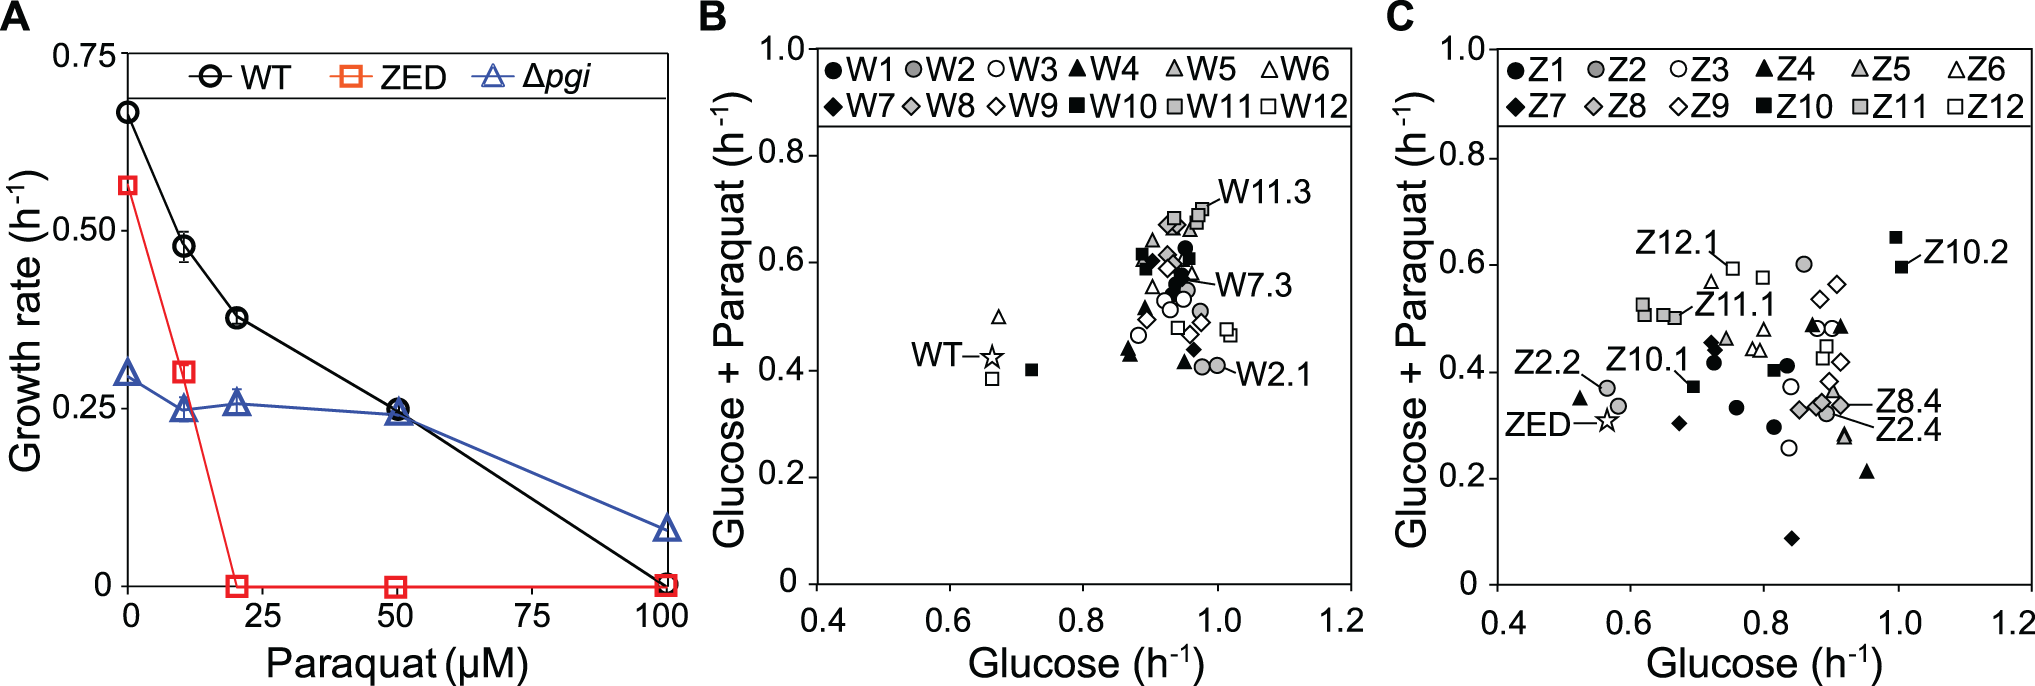 Growth rates of <i>E</i>. <i>coli</i> in M9 glucose medium.